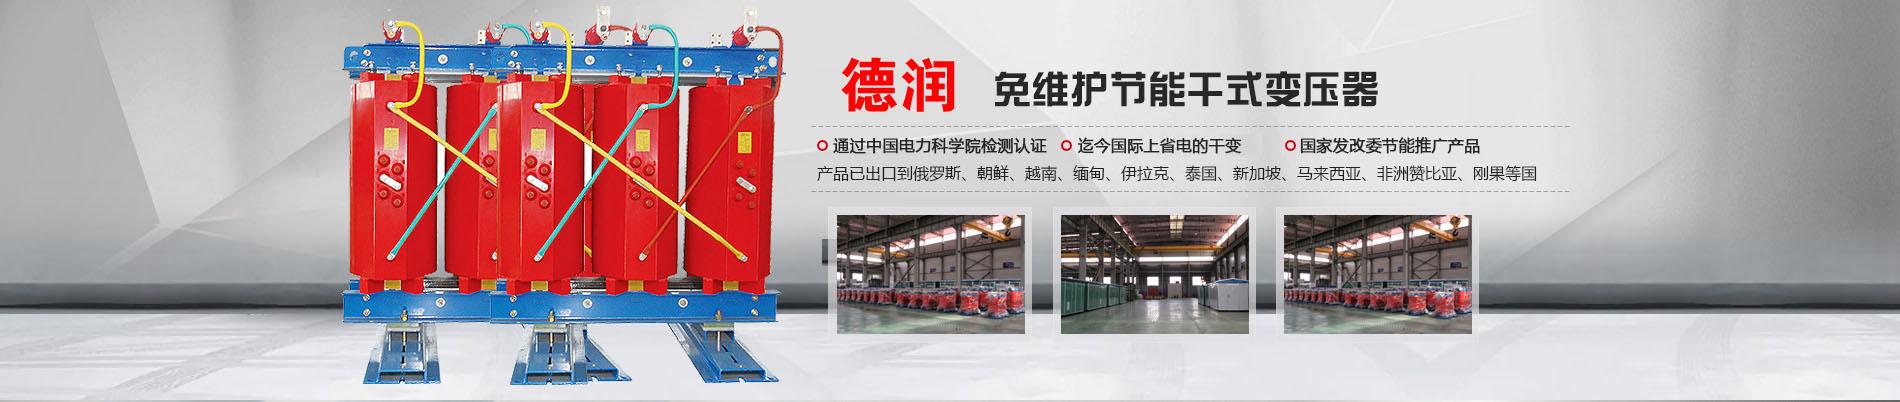 焦作干式变压器厂家